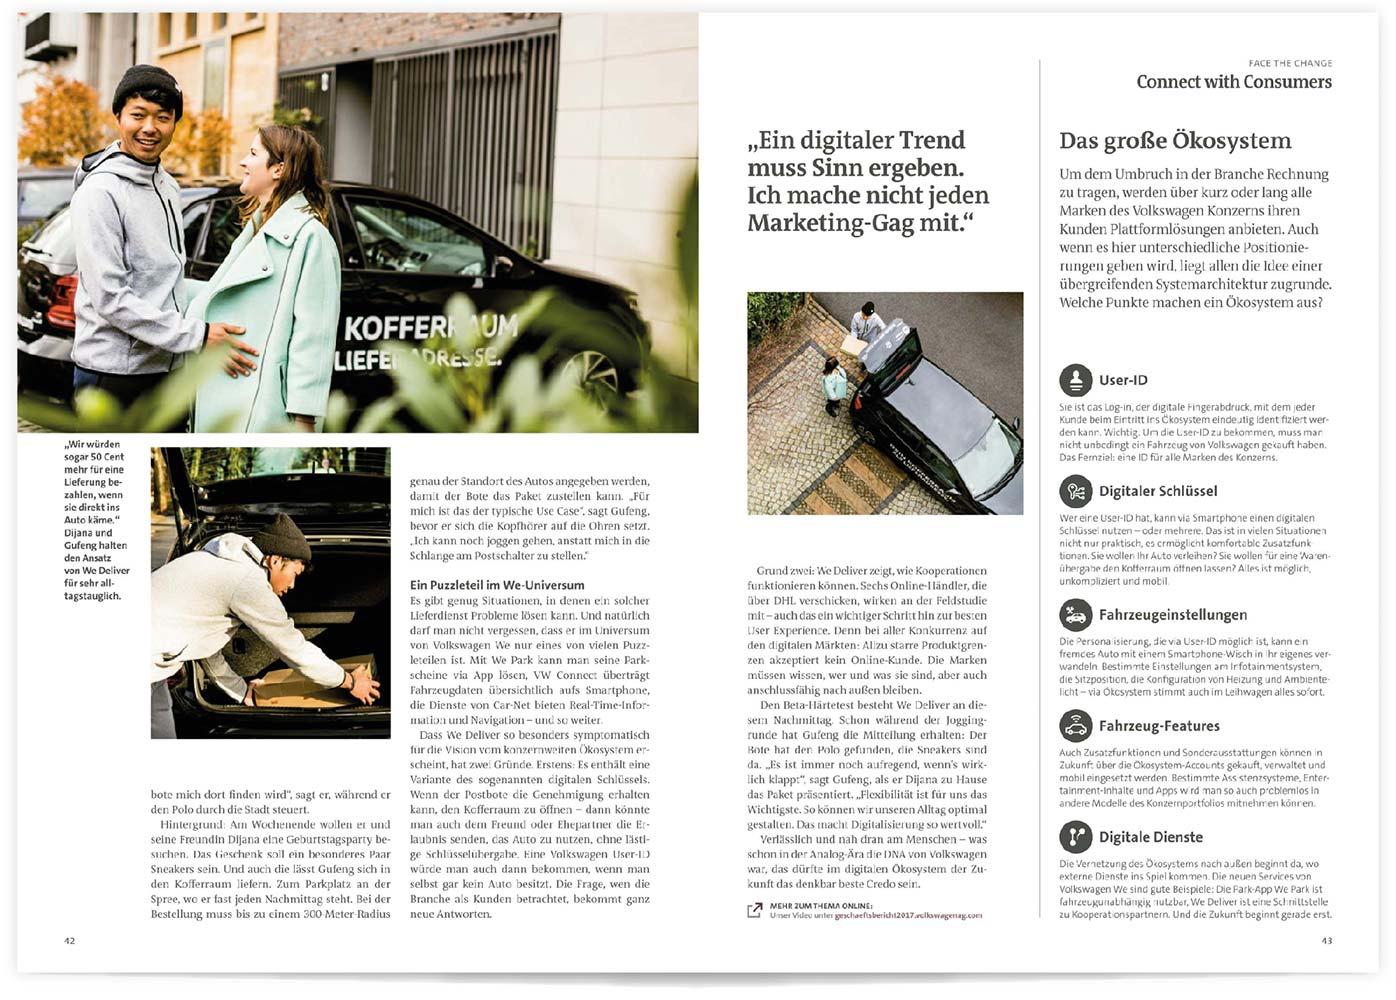 Volkswagen AG Geschäftsbericht 2018 | Patrick Weseloh | im Auftrag für C3 Creative Code and Content GmbH